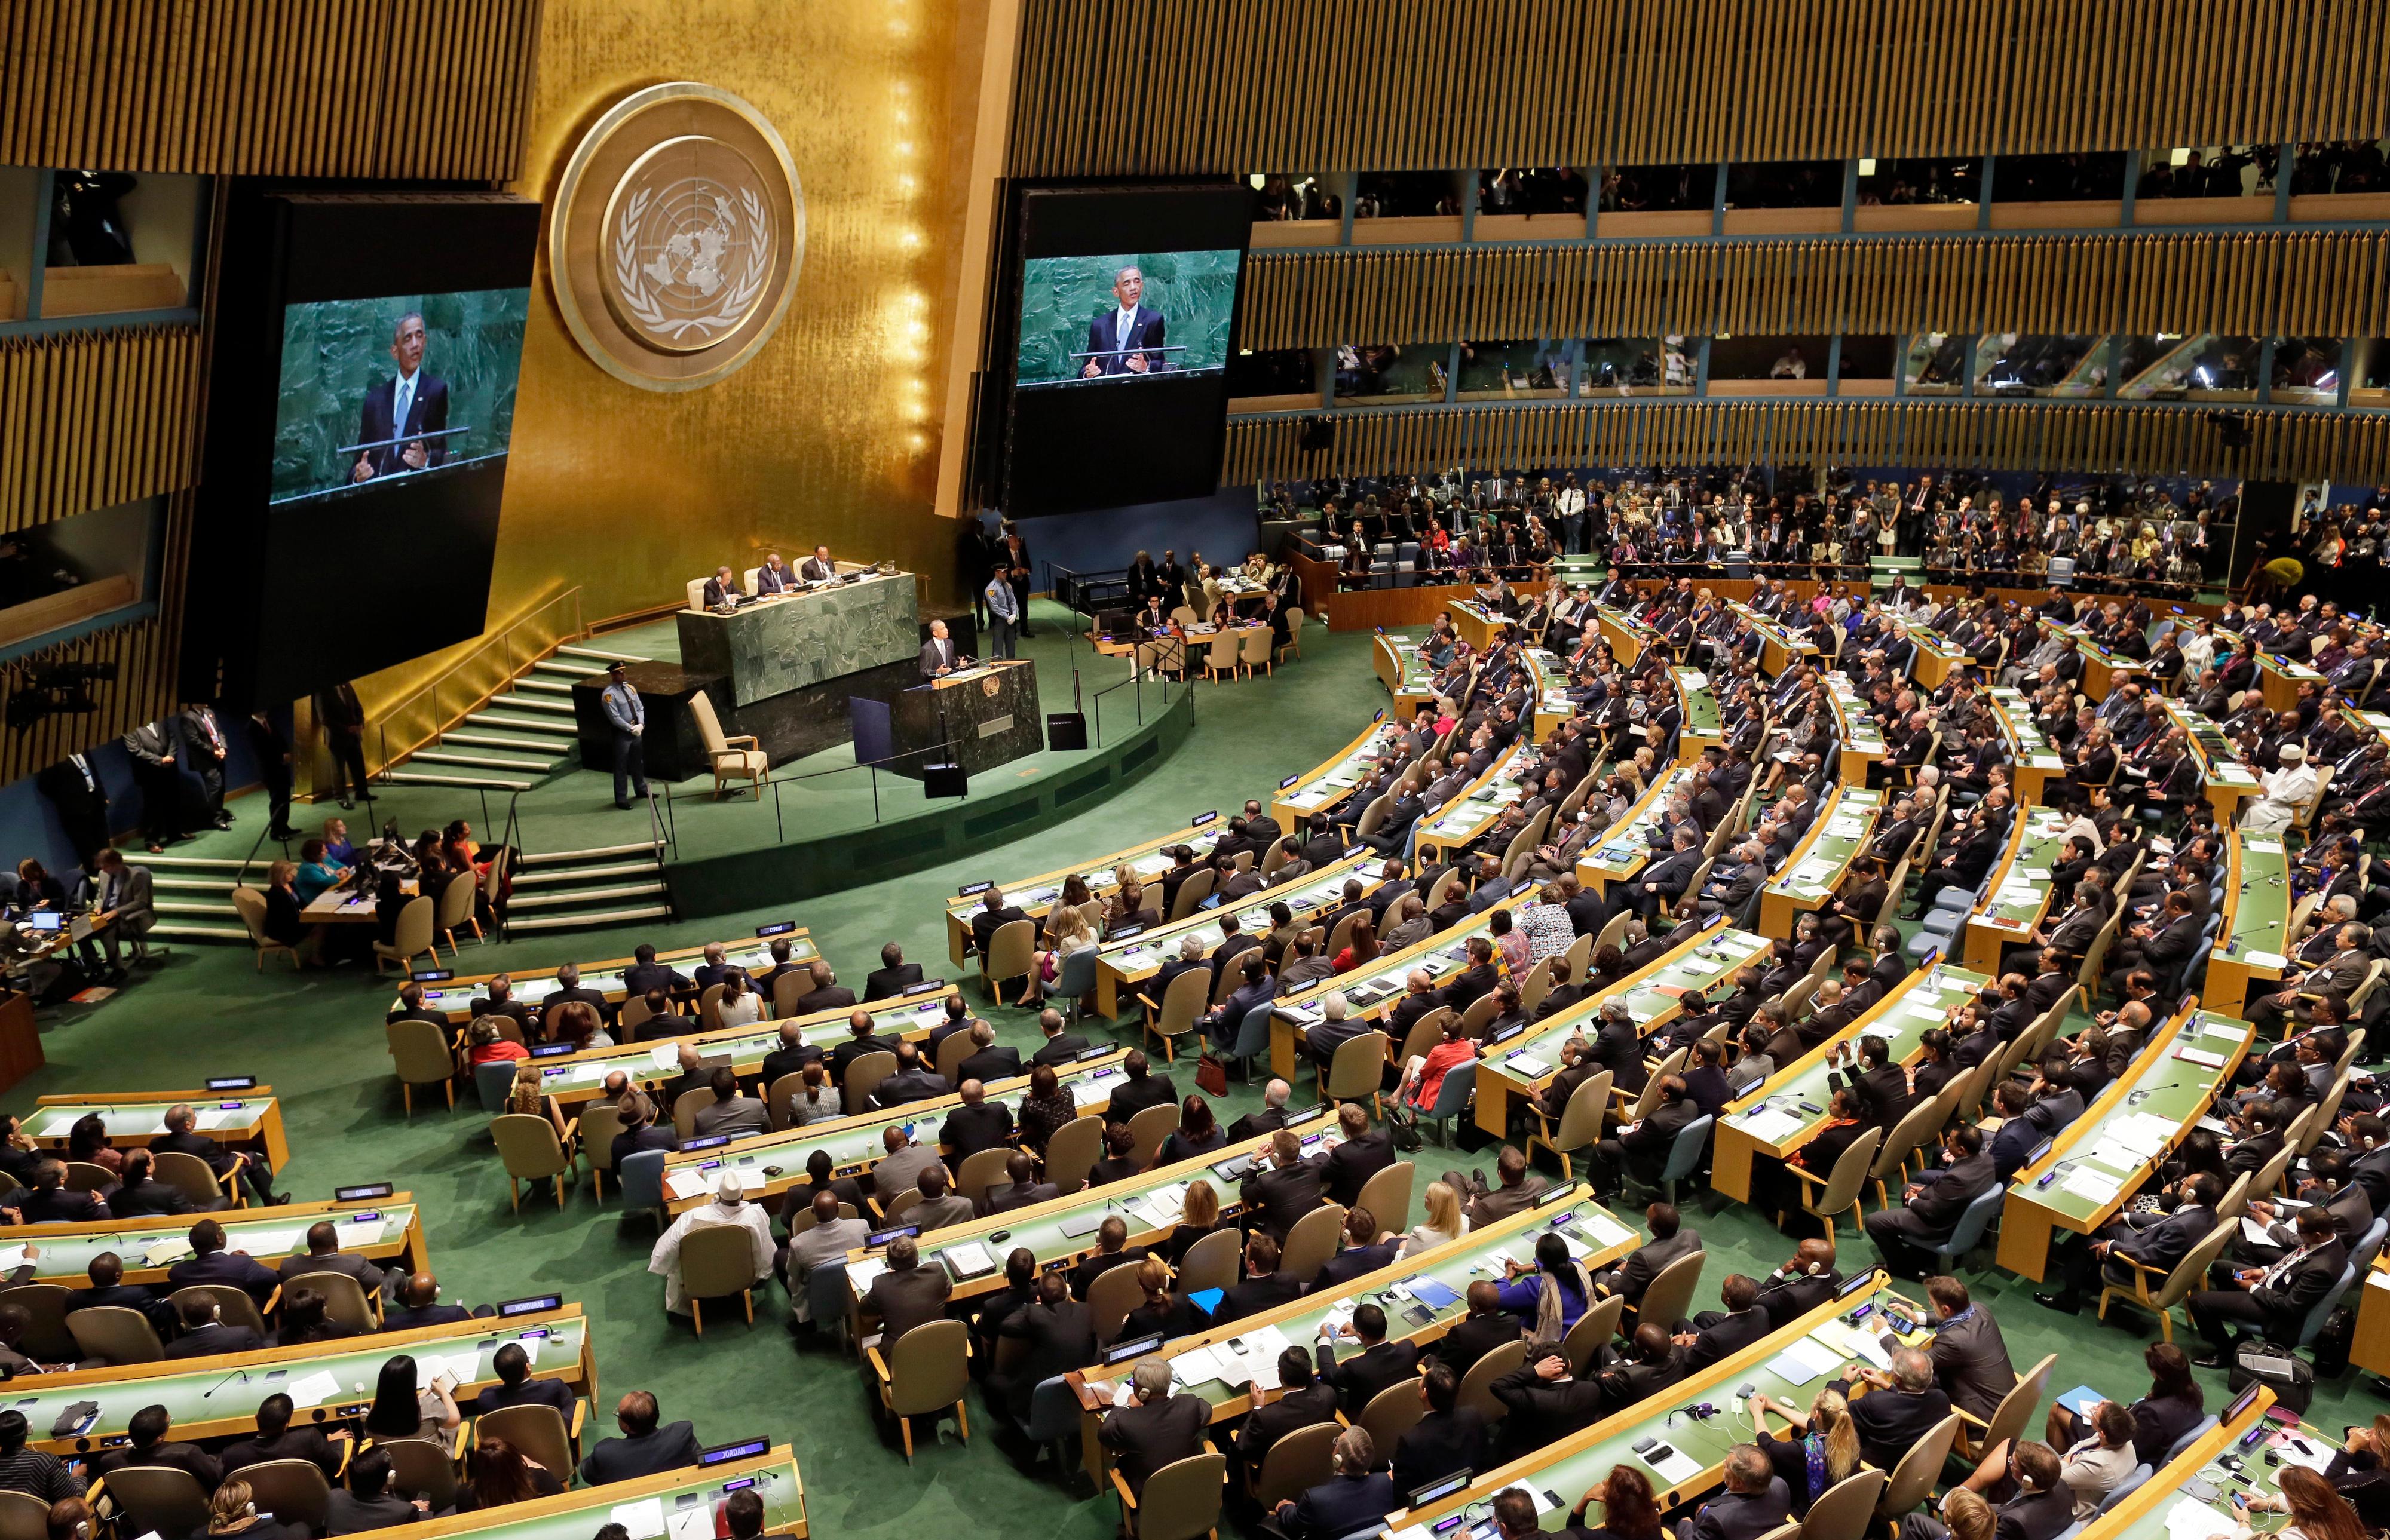 Generalversammlung der Vereinten Nationen im UN-Hauptquartier in New York